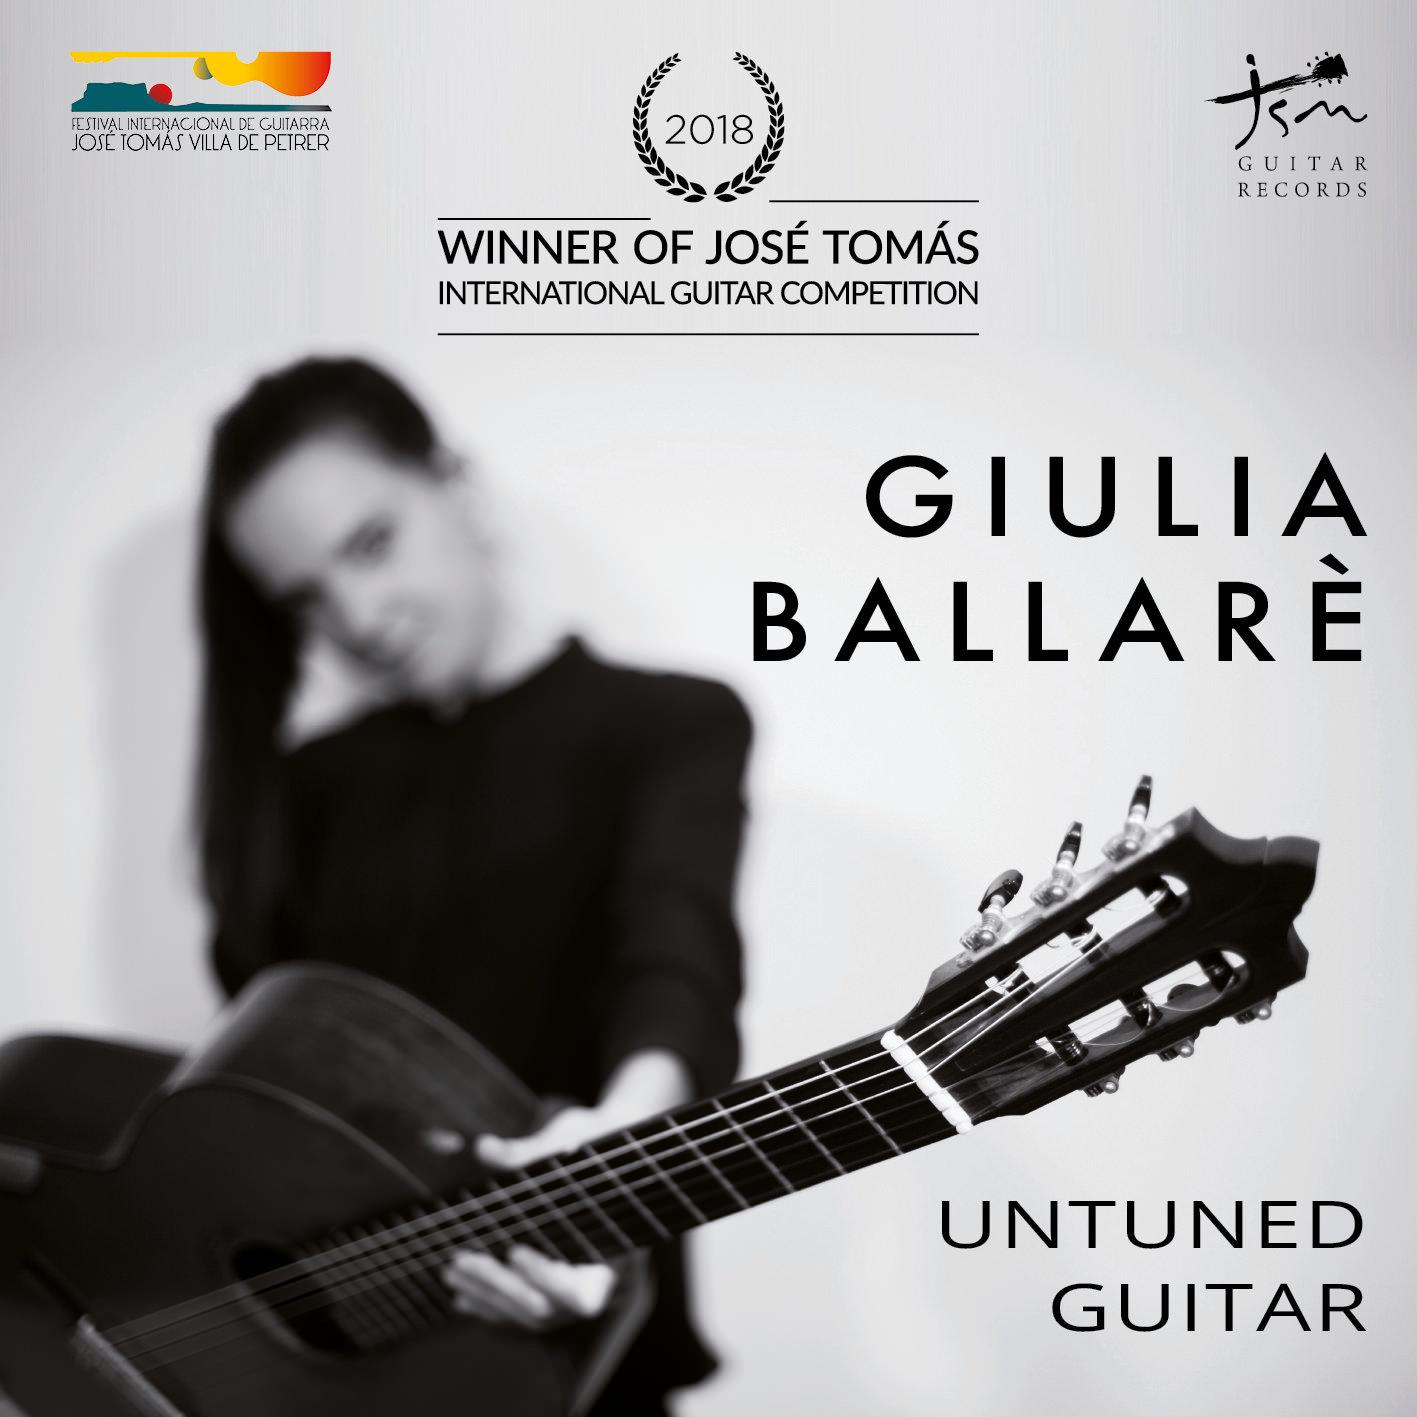 Untuned Guitar, Giulia Ballarè